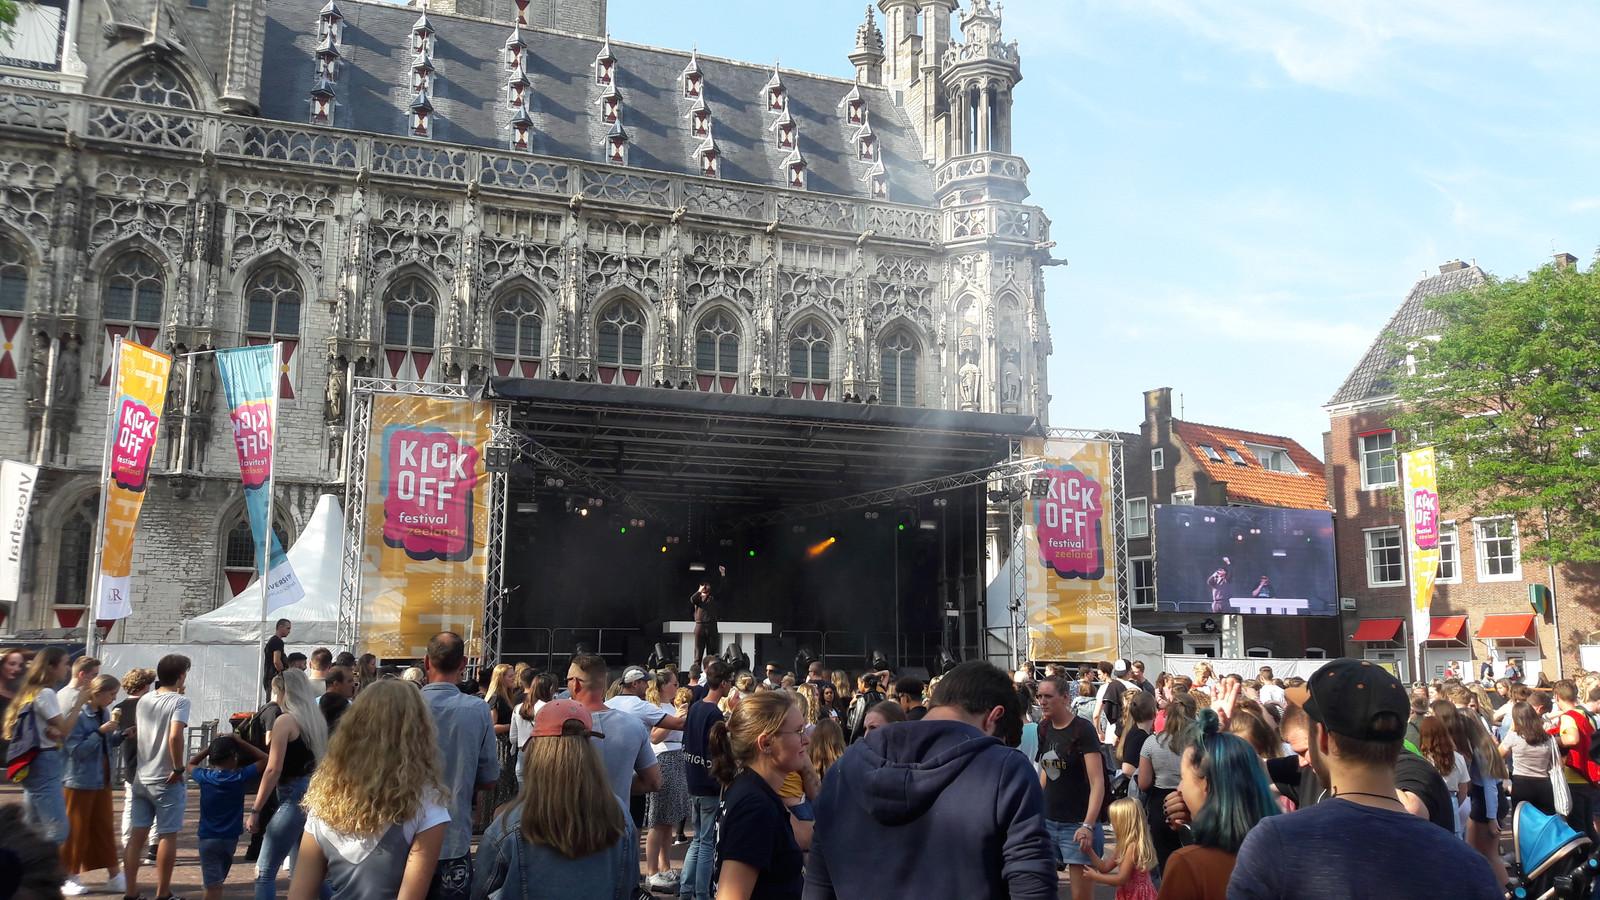 Kickoff festival Middelburg